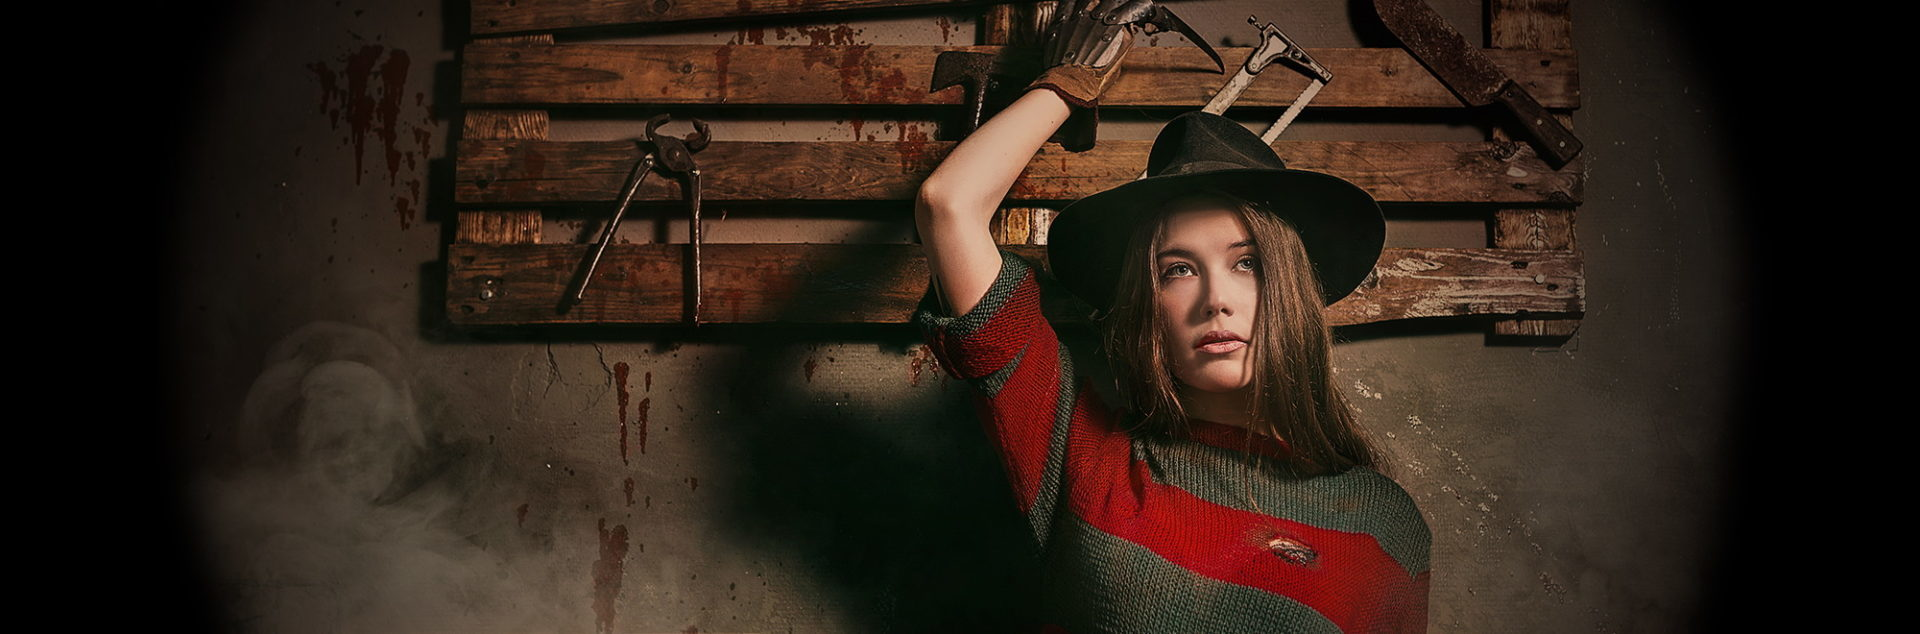 Quest Room Nightmare on Elm Street (Freddy Krueger)